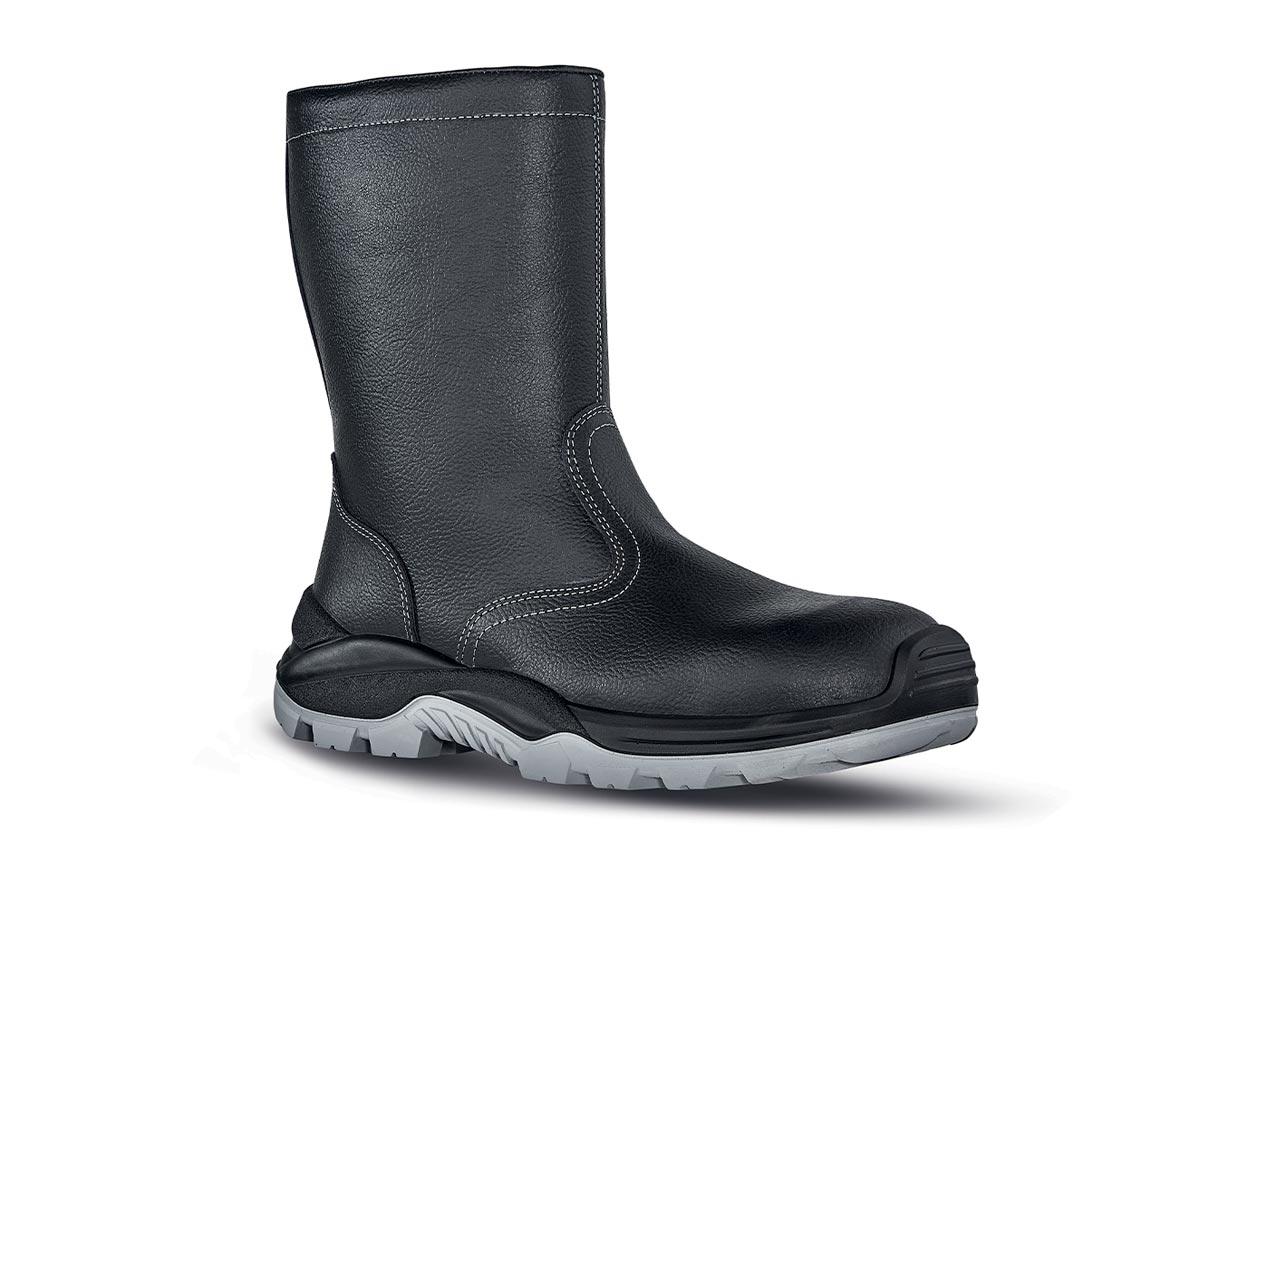 scarpa antinfortunistica upower modello siberian linea stepone vista laterale